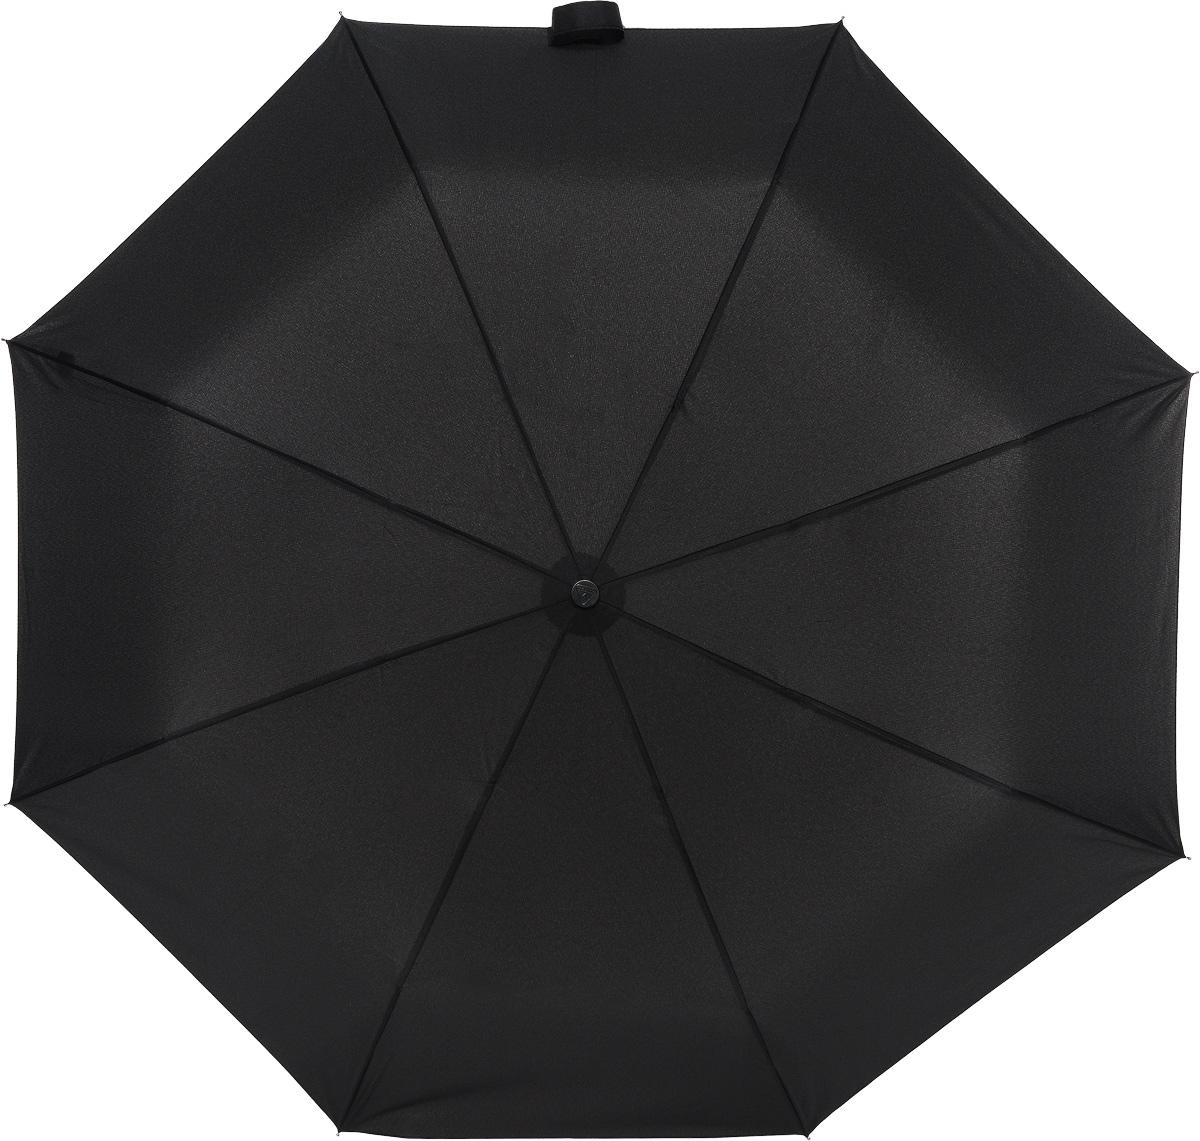 Зонт мужской Fulton, механика, 3 сложения, цвет: черный. G560-01G560-01 BlackЗонт мужской Fulton надежно защитит от непогоды. Купол выполнен из выполнен из высококачественного полиэстера, который не пропускает воду. Каркас зонта, выполненный из прочного металла, состоит из восьми спиц. Зонт имеет механический тип сложения: открывается и закрывается вручную до характерного щелчка. Удобная пластиковая ручка оснащена шнурком, с помощью которого зонт можно носить на запястье. Также к зонту прилагается чехол.